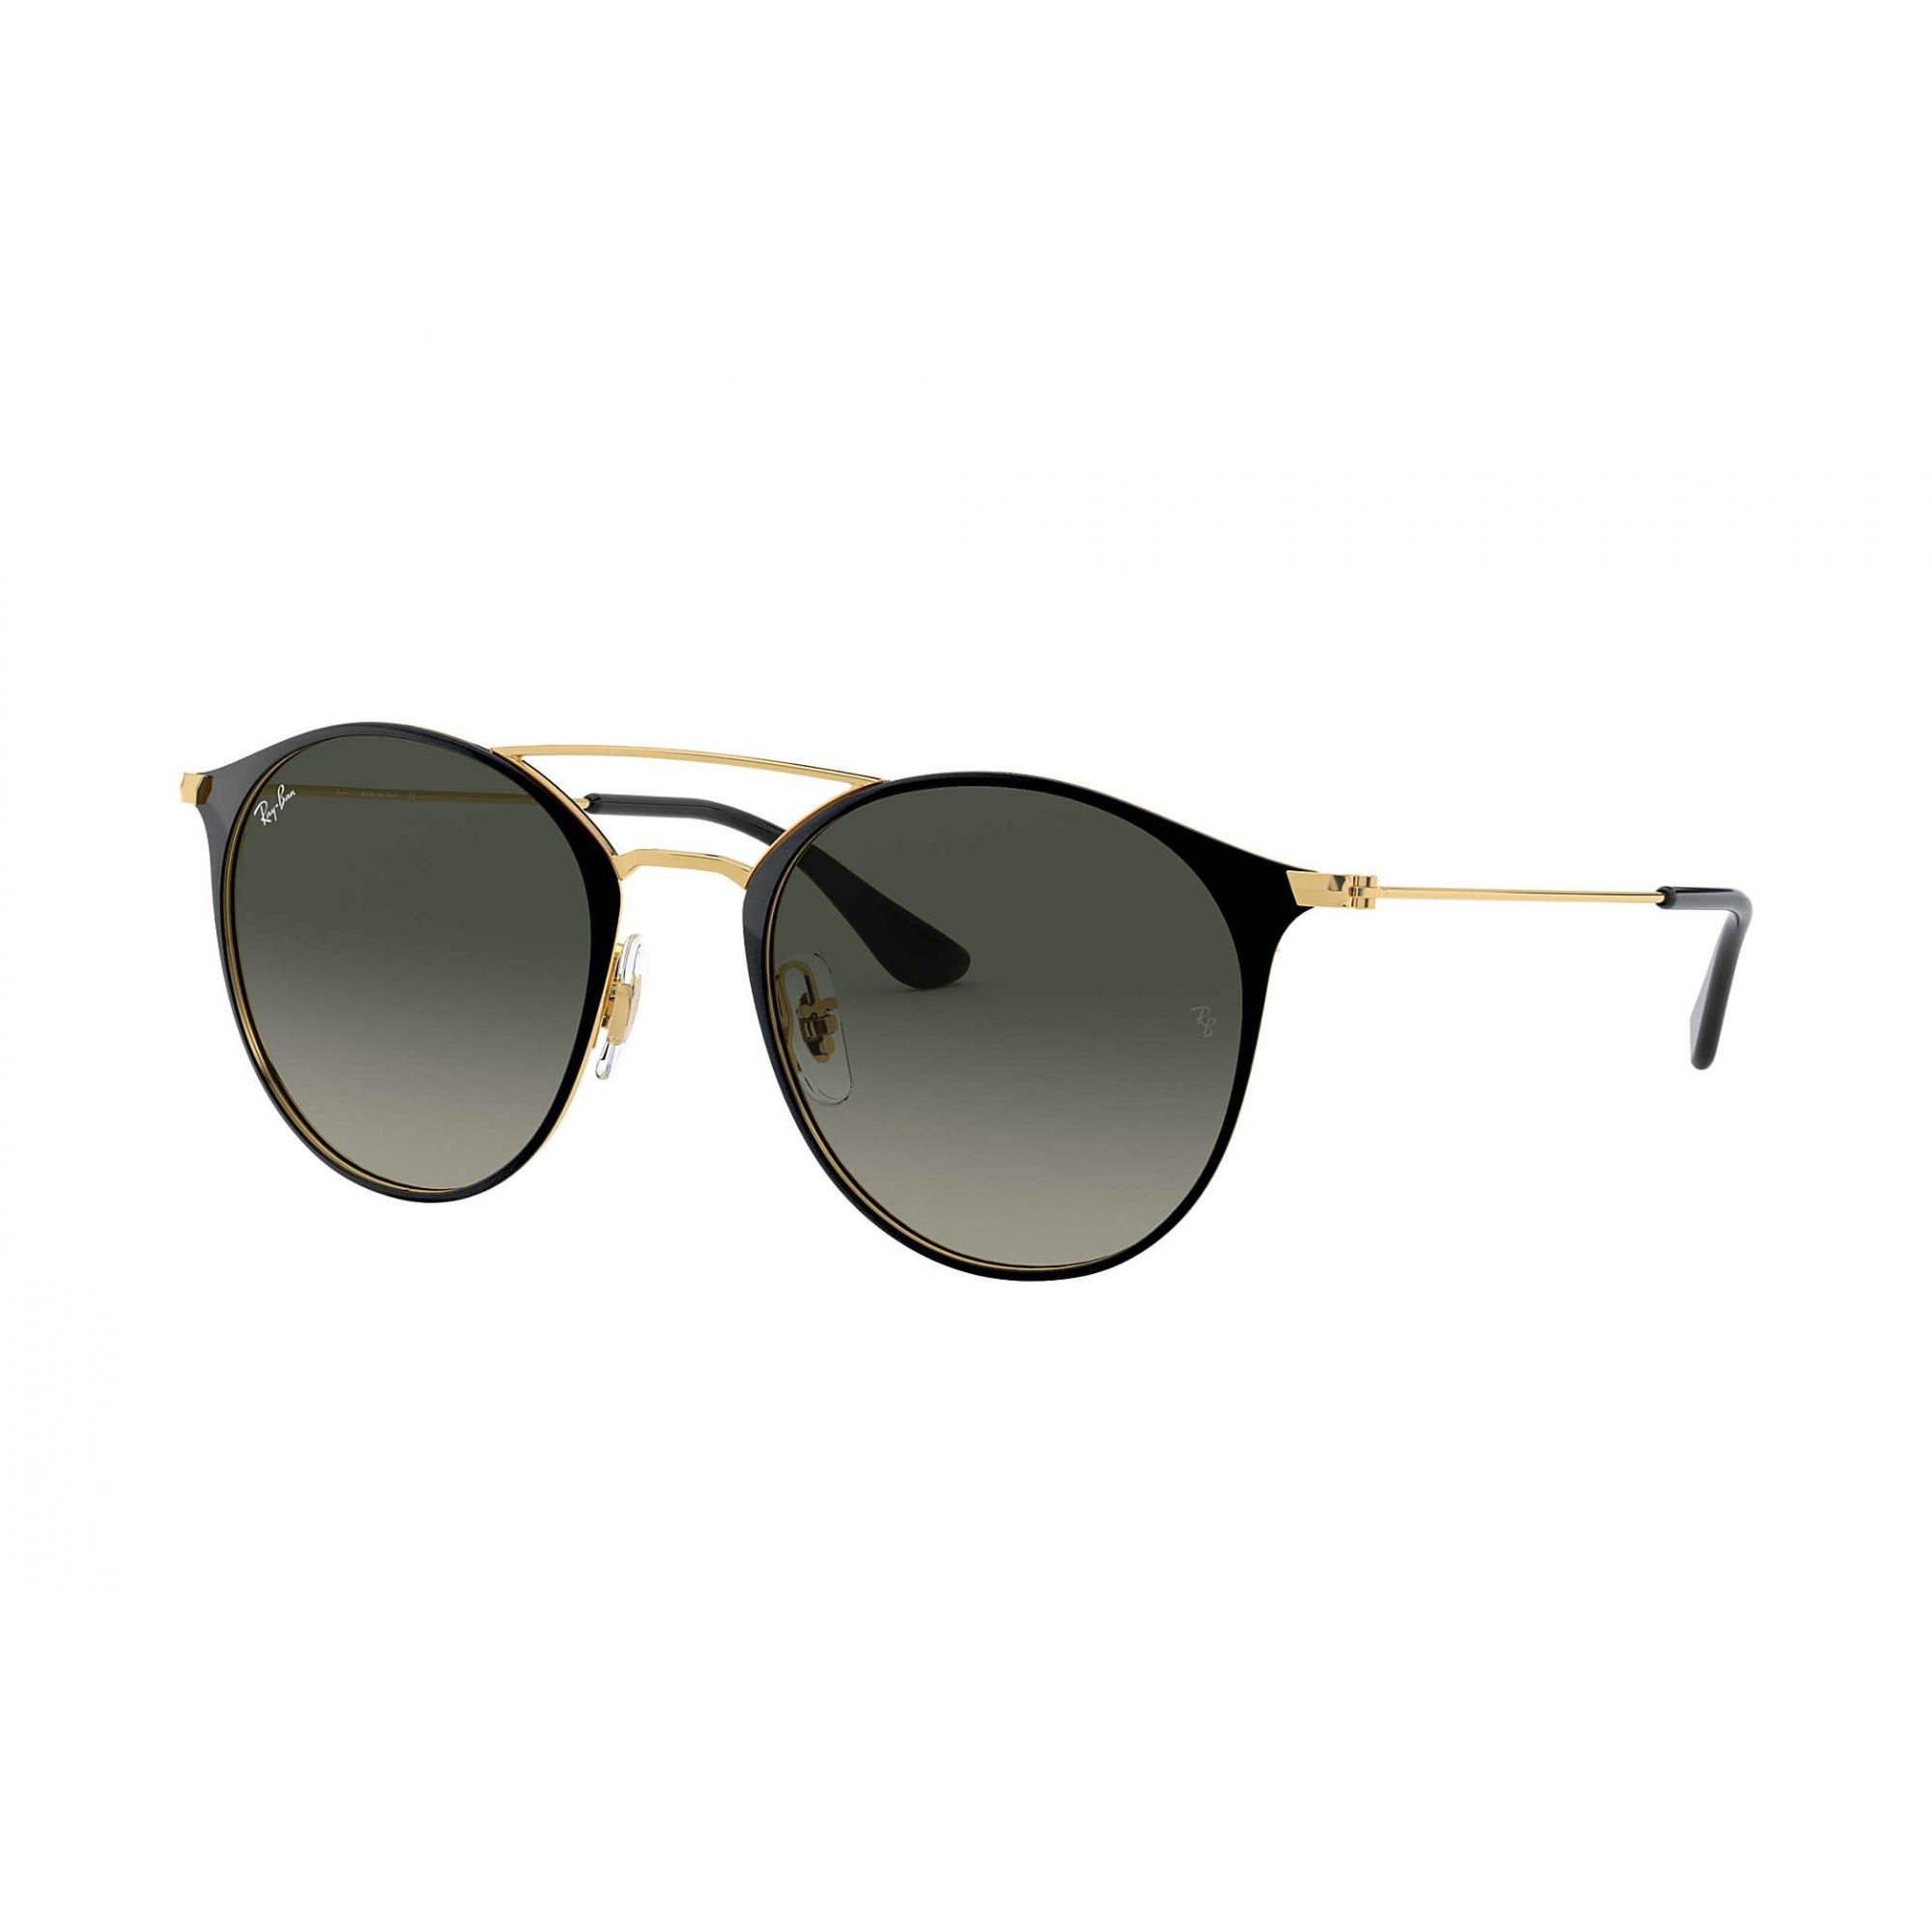 Ray Ban - RB3546 18771 - Óculos de sol